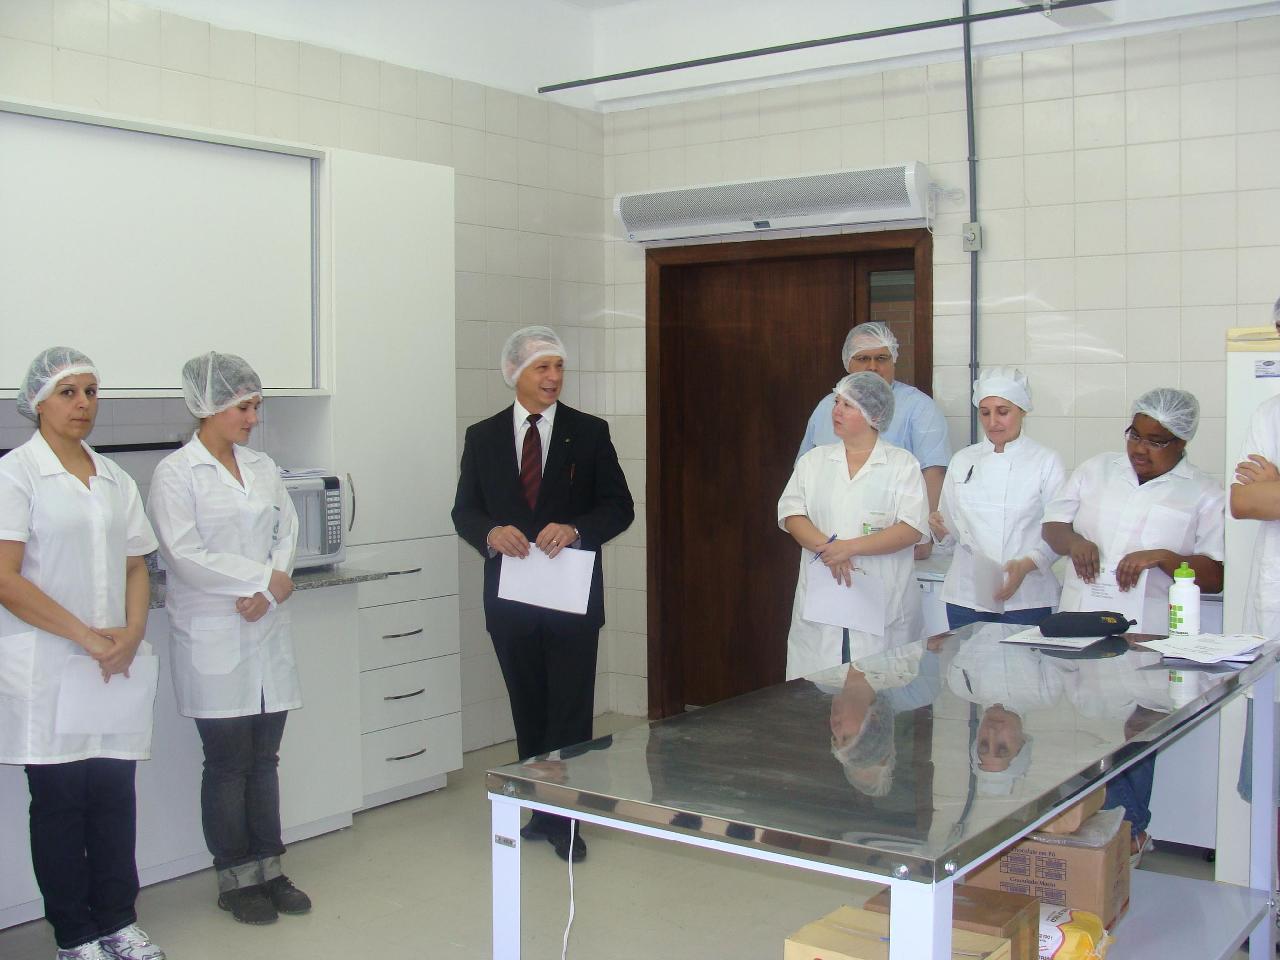 Inaugurado novo laboratório do curso de Panificação e Confeitaria #7F624C 1280x960 Balança Digital Banheiro Porto Alegre